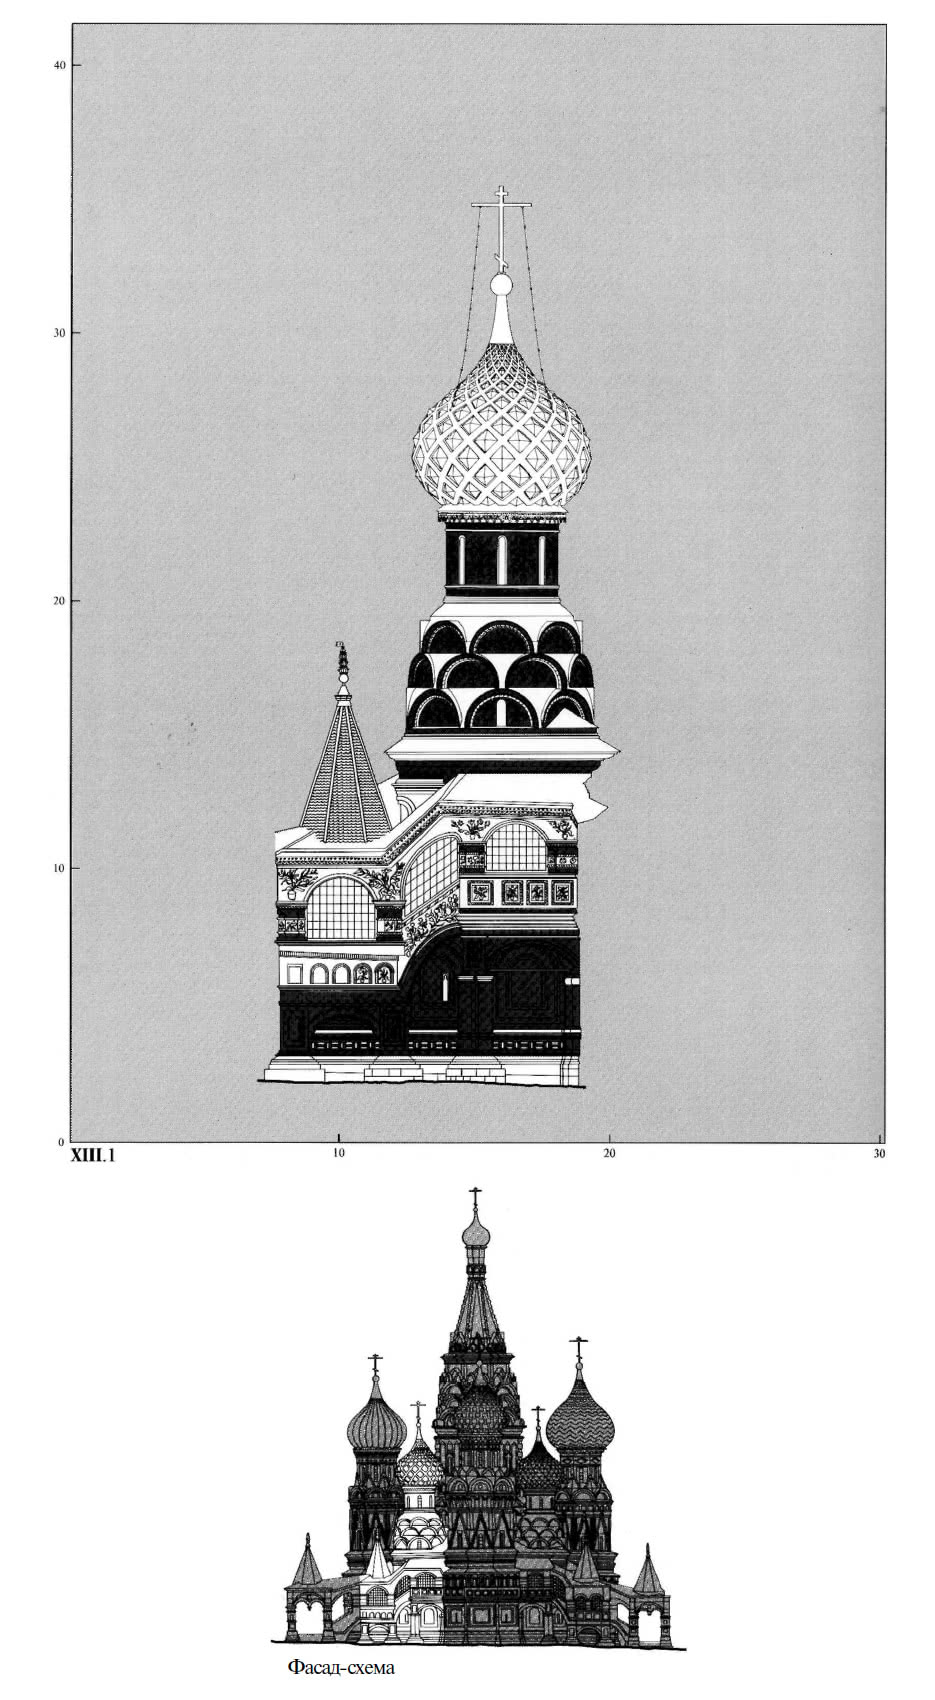 Фасад-схема северо-западного малого придела